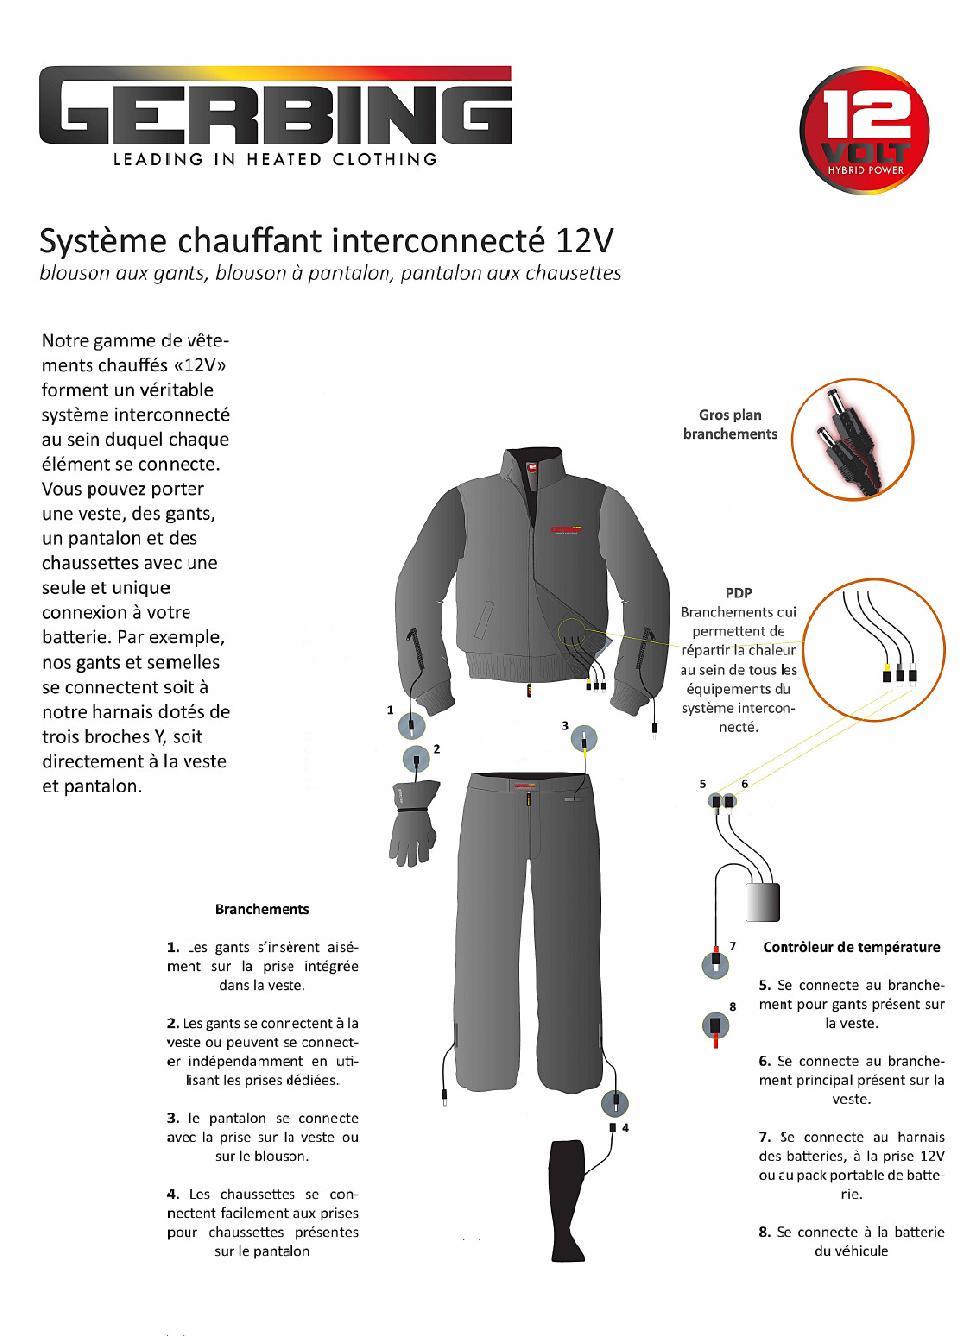 JLSS - Blouson chauffant Moto Gerbing Unisexe 12V sans batterie - Image 2